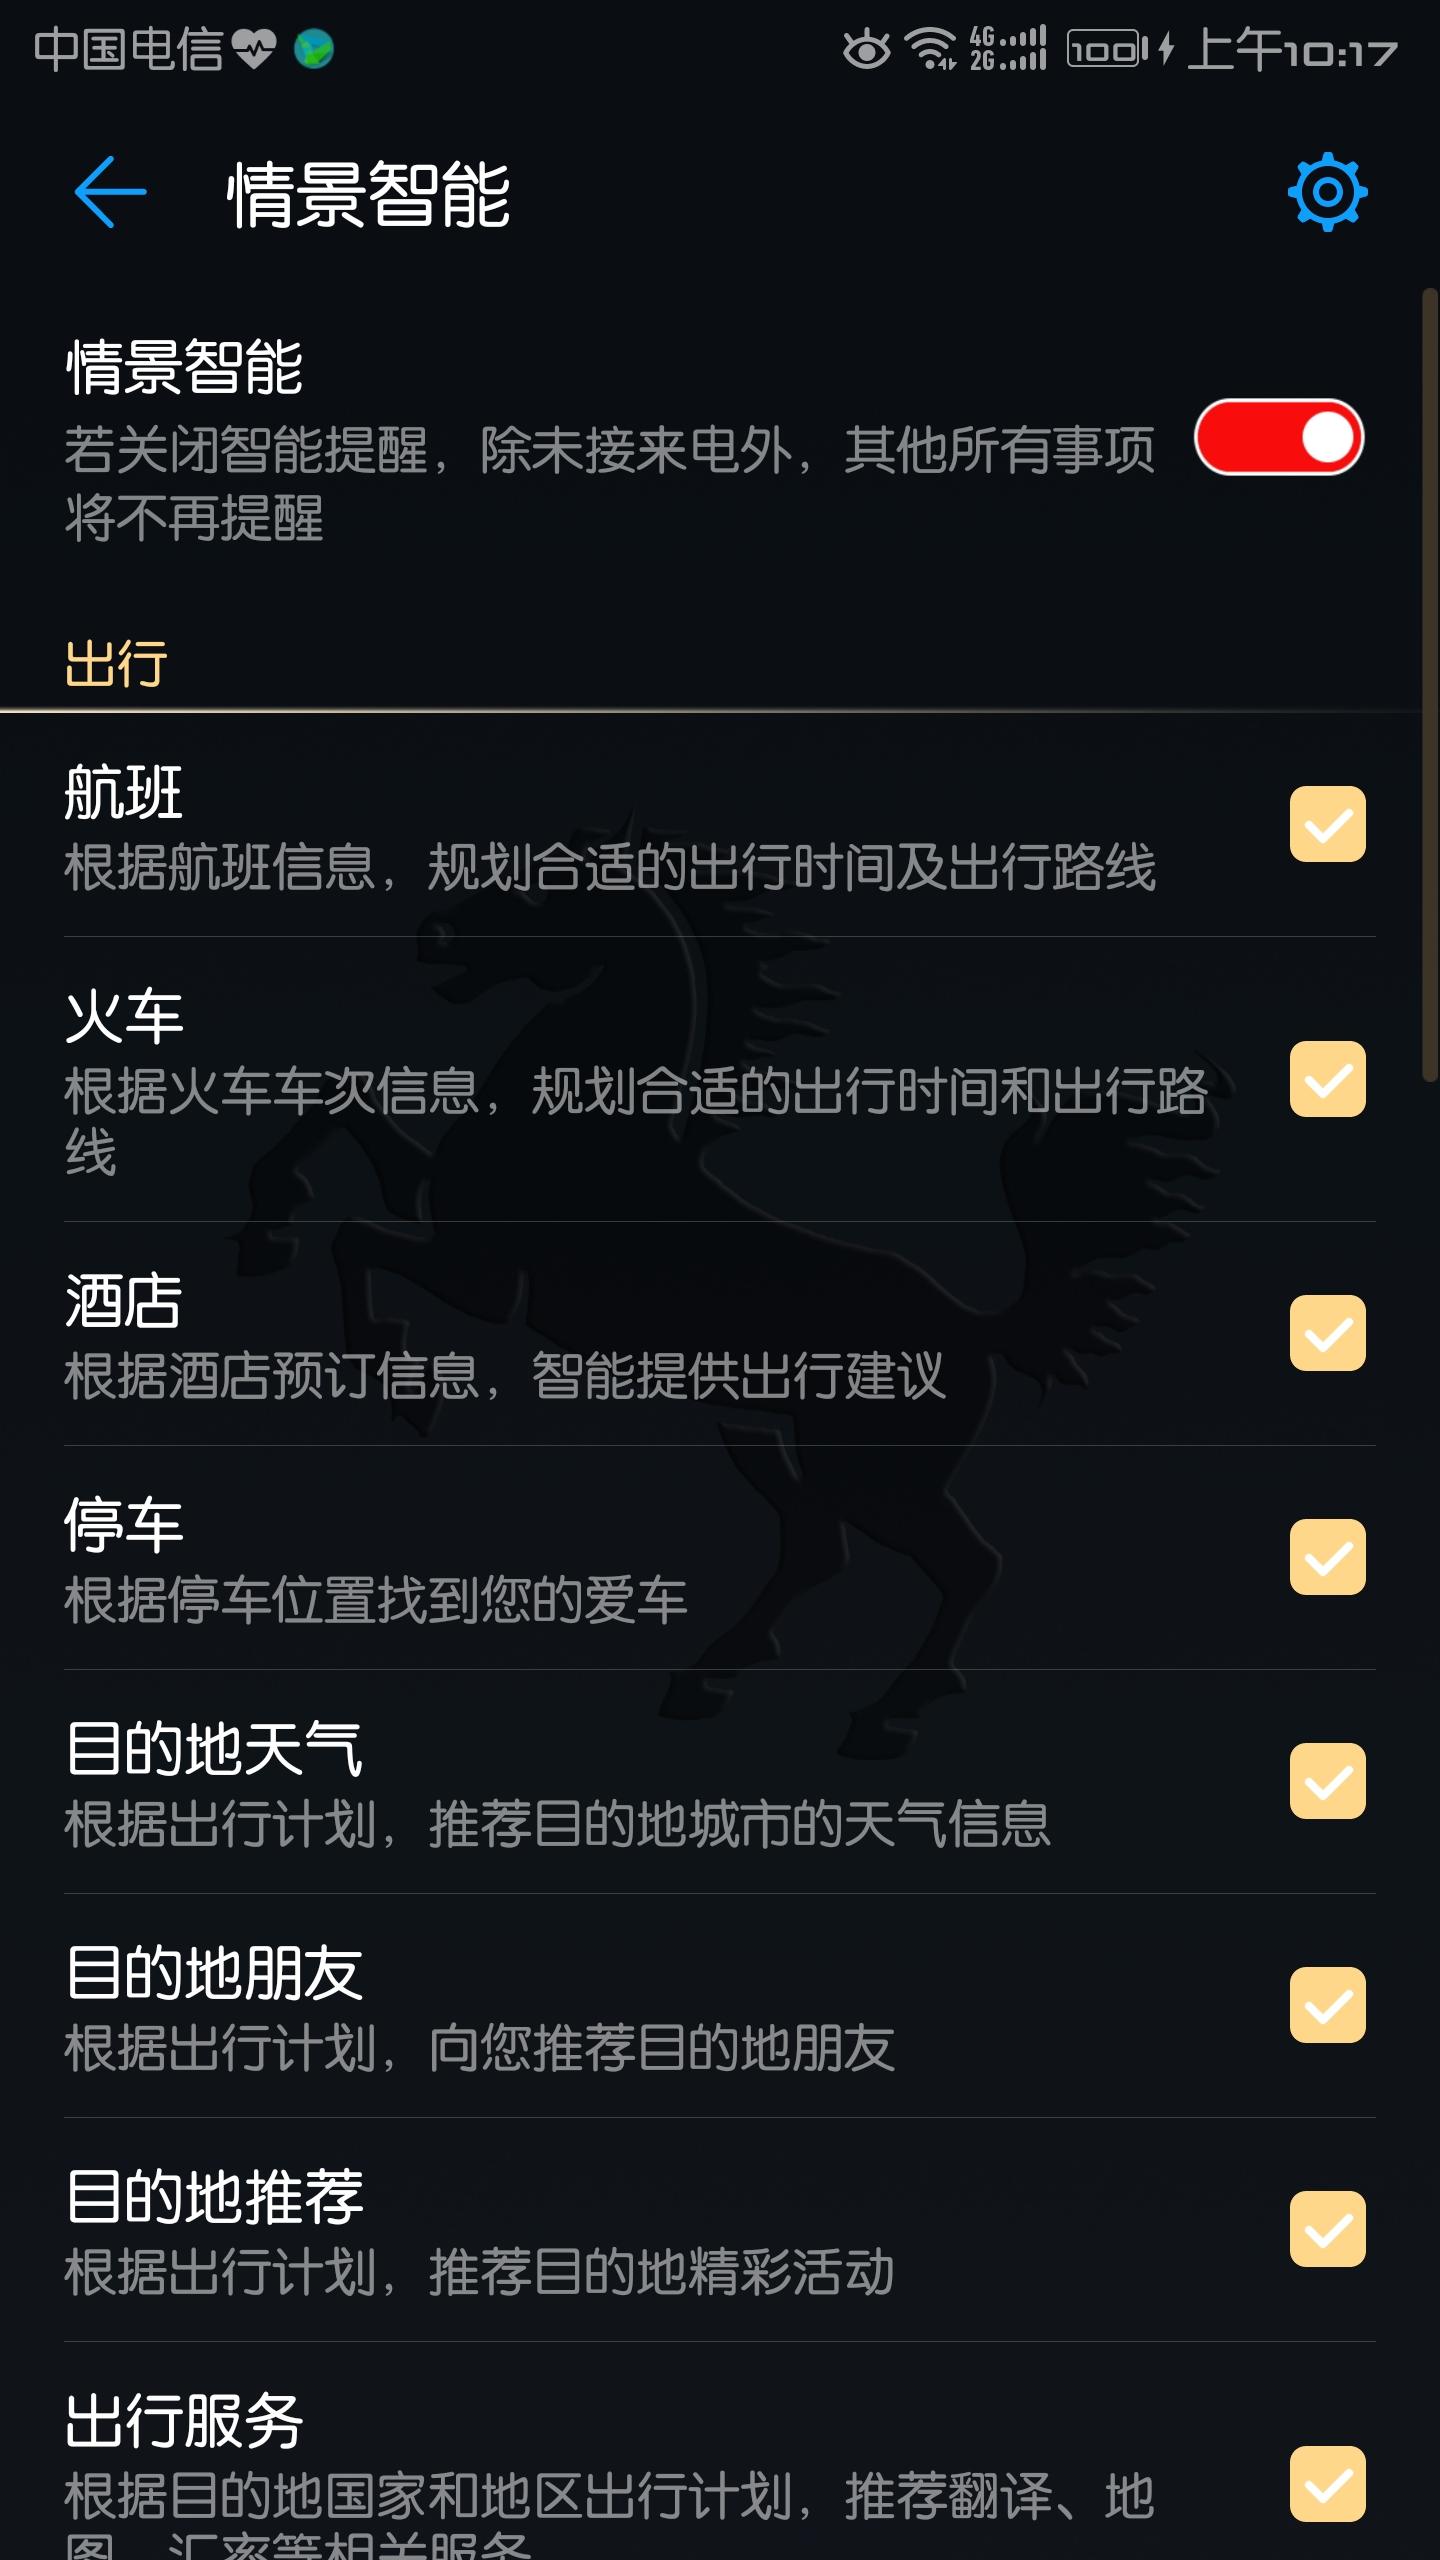 Screenshot_20180510-101704.jpg